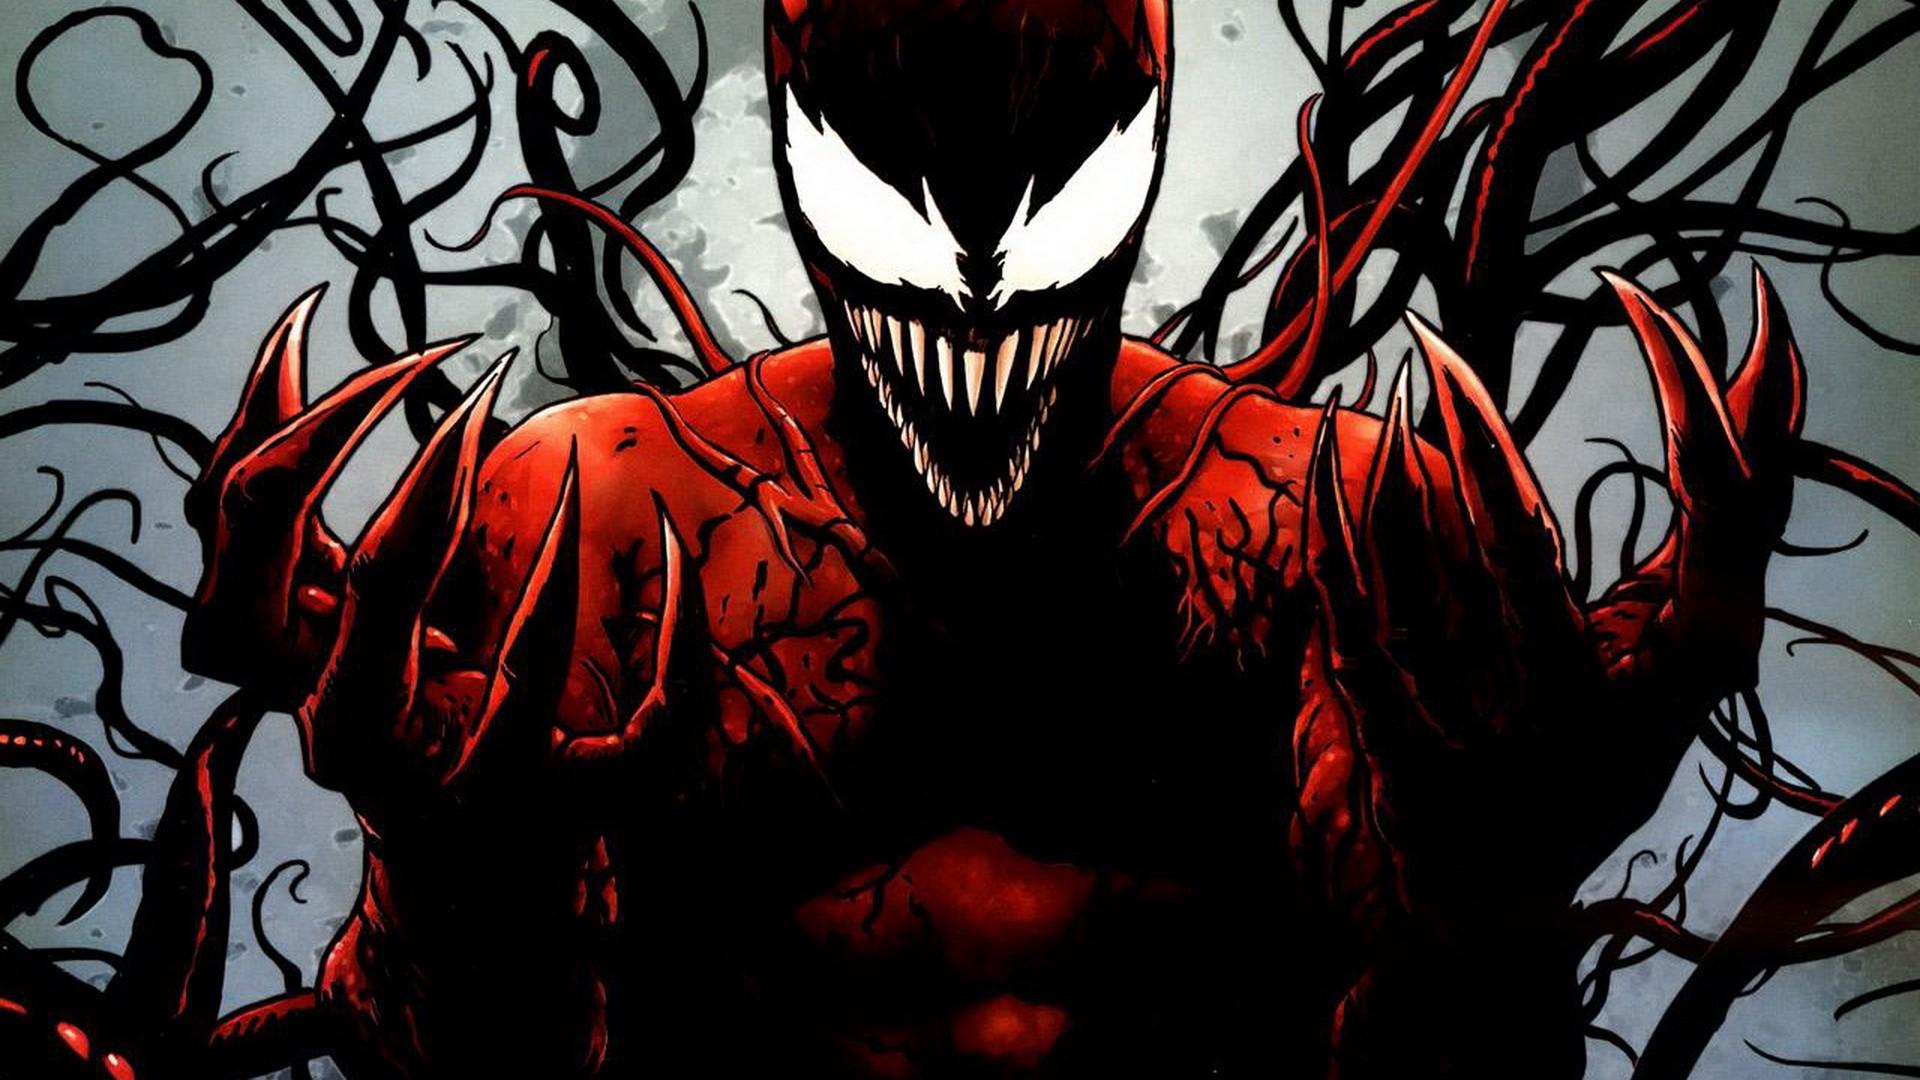 Venom Spider Man Separation Anxiety Details Launchbox Games